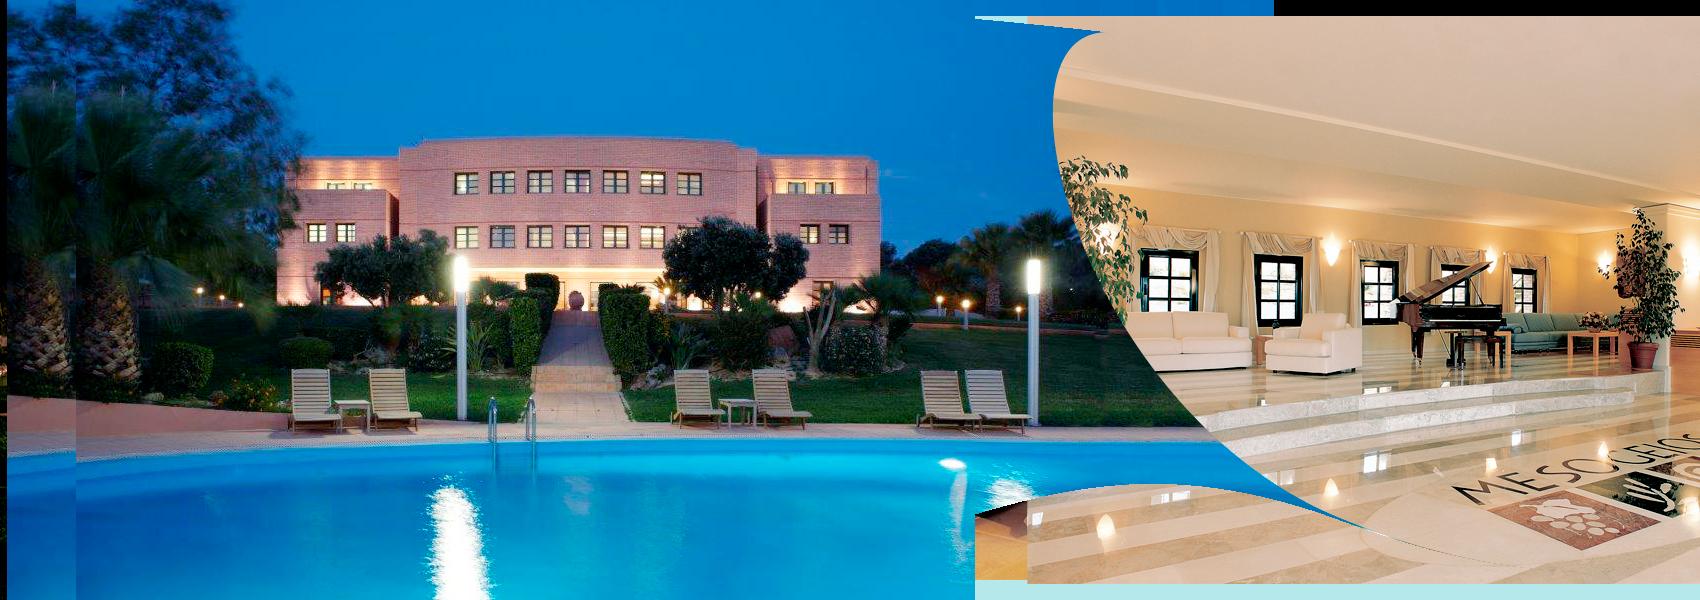 Νεφρολογικό κέντρο Κρήτη